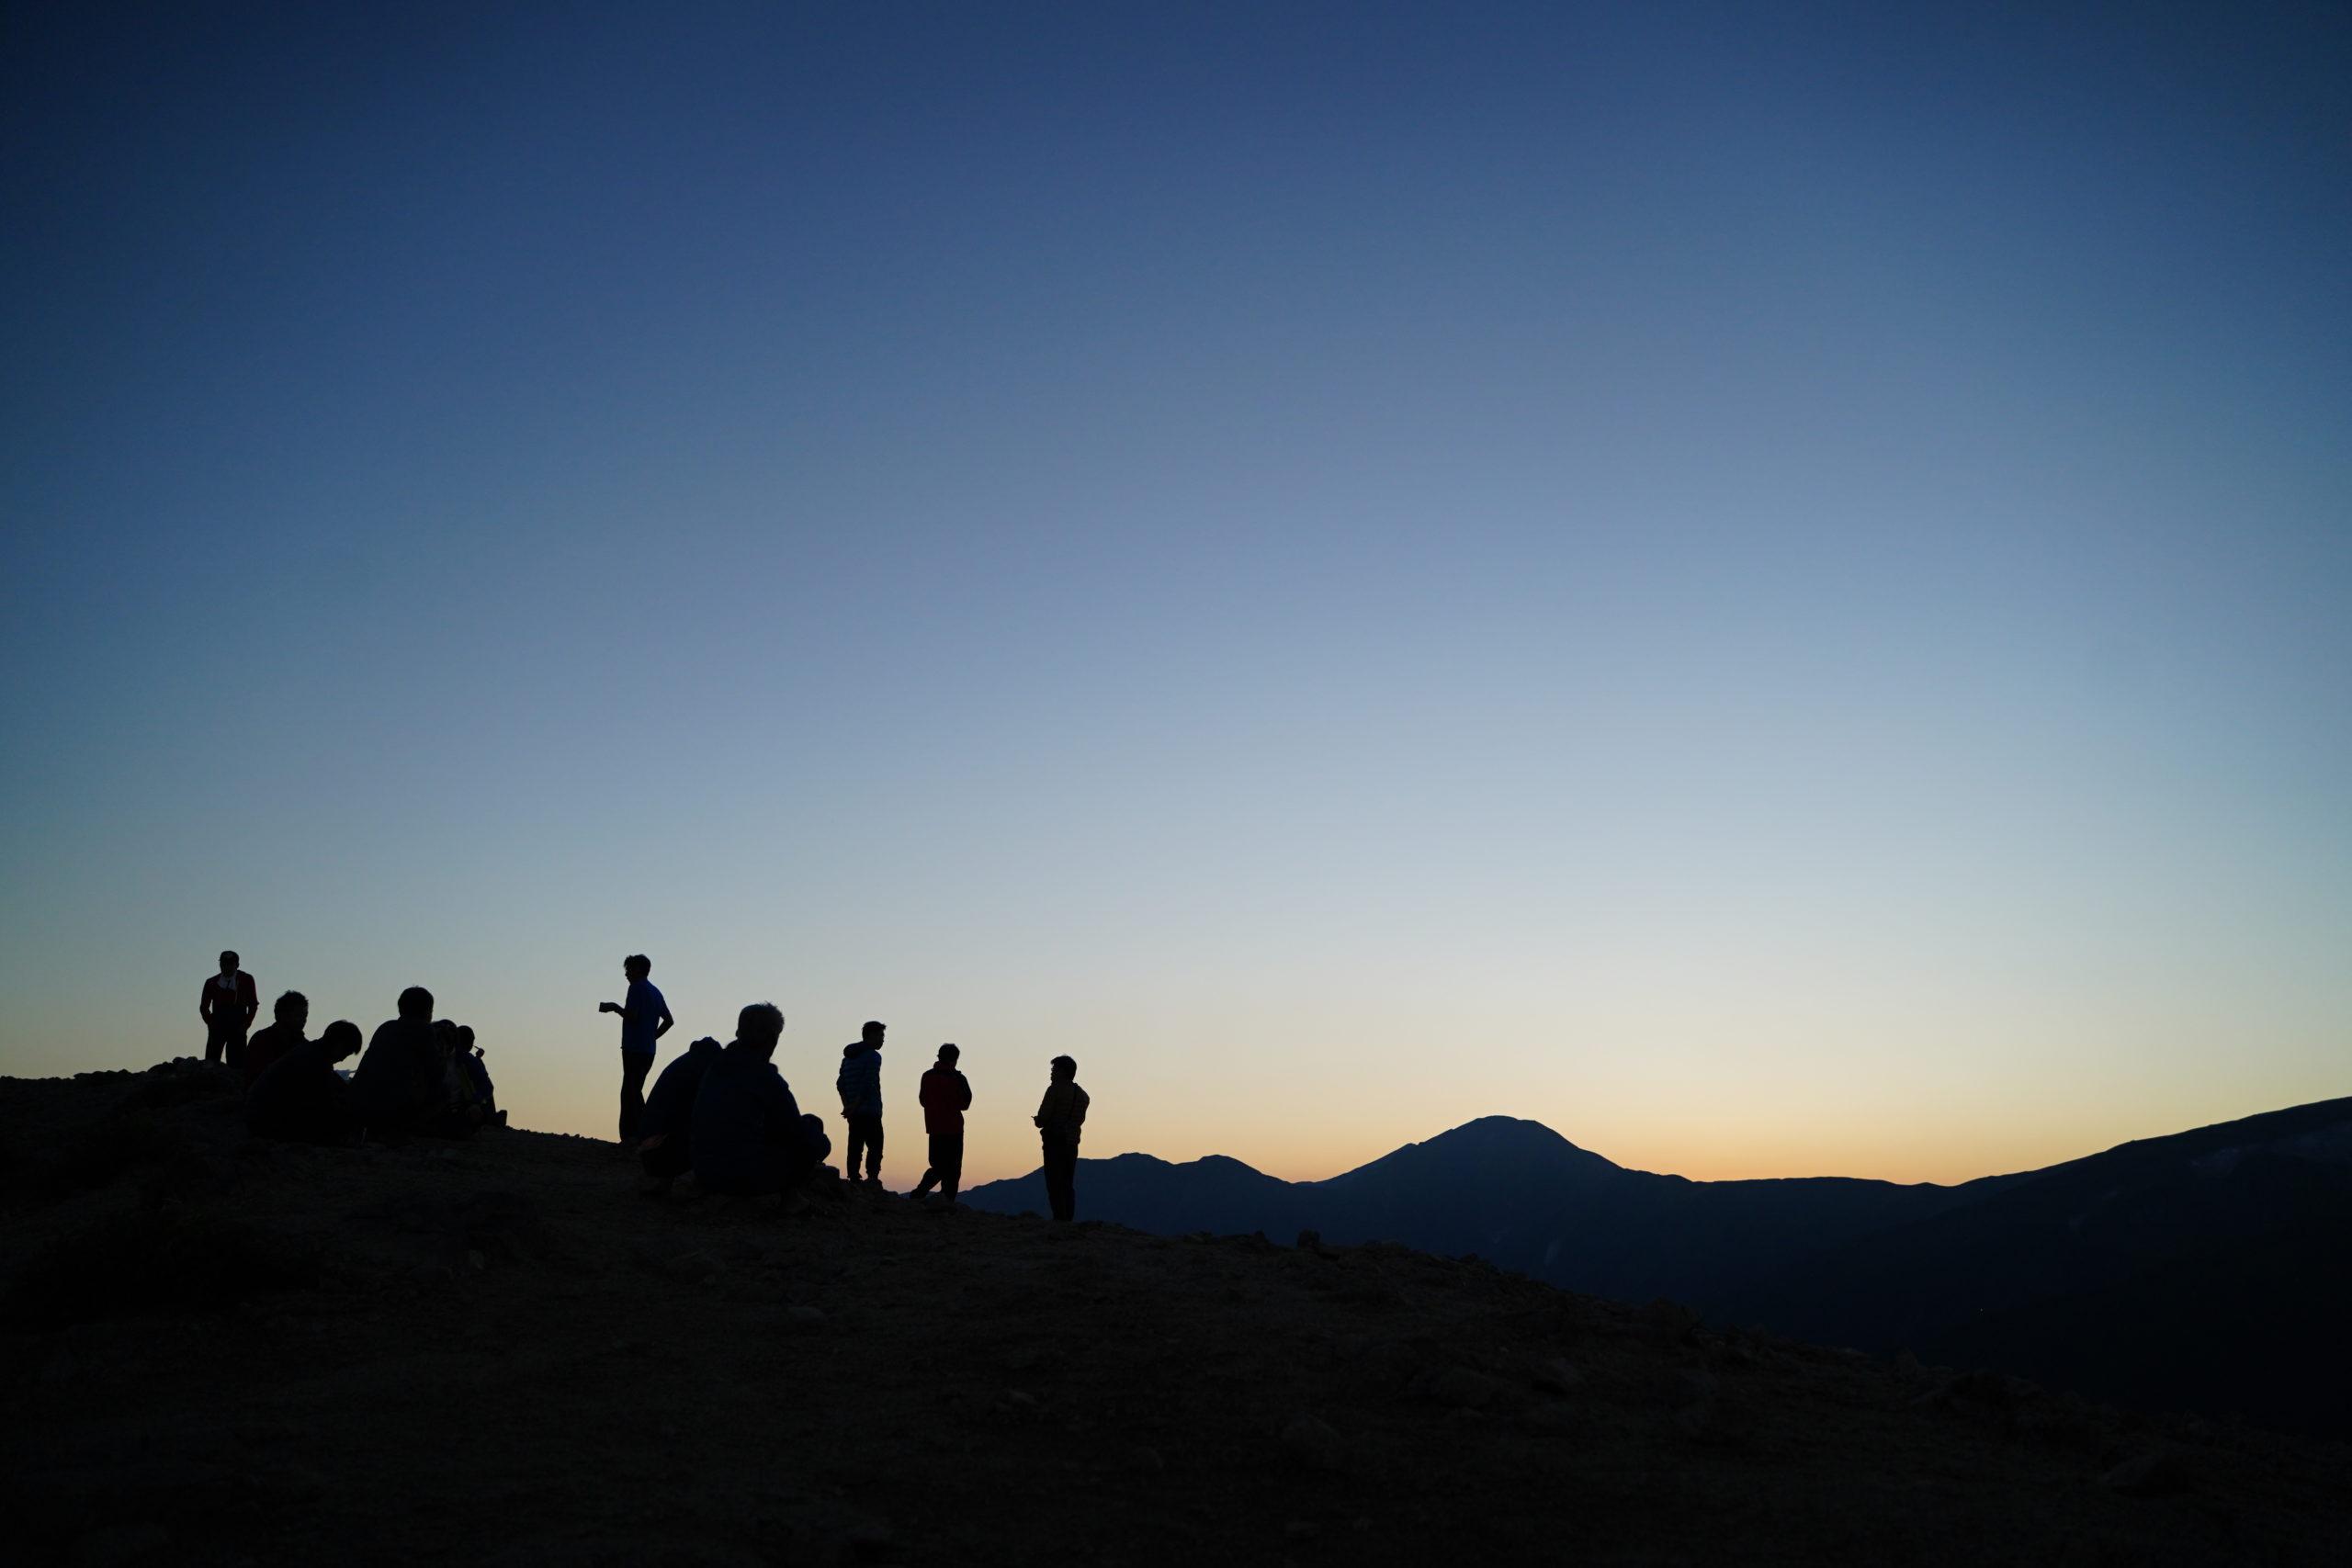 登山に三脚フルサイズカメラを使いやすく軽量にカスタマイズ